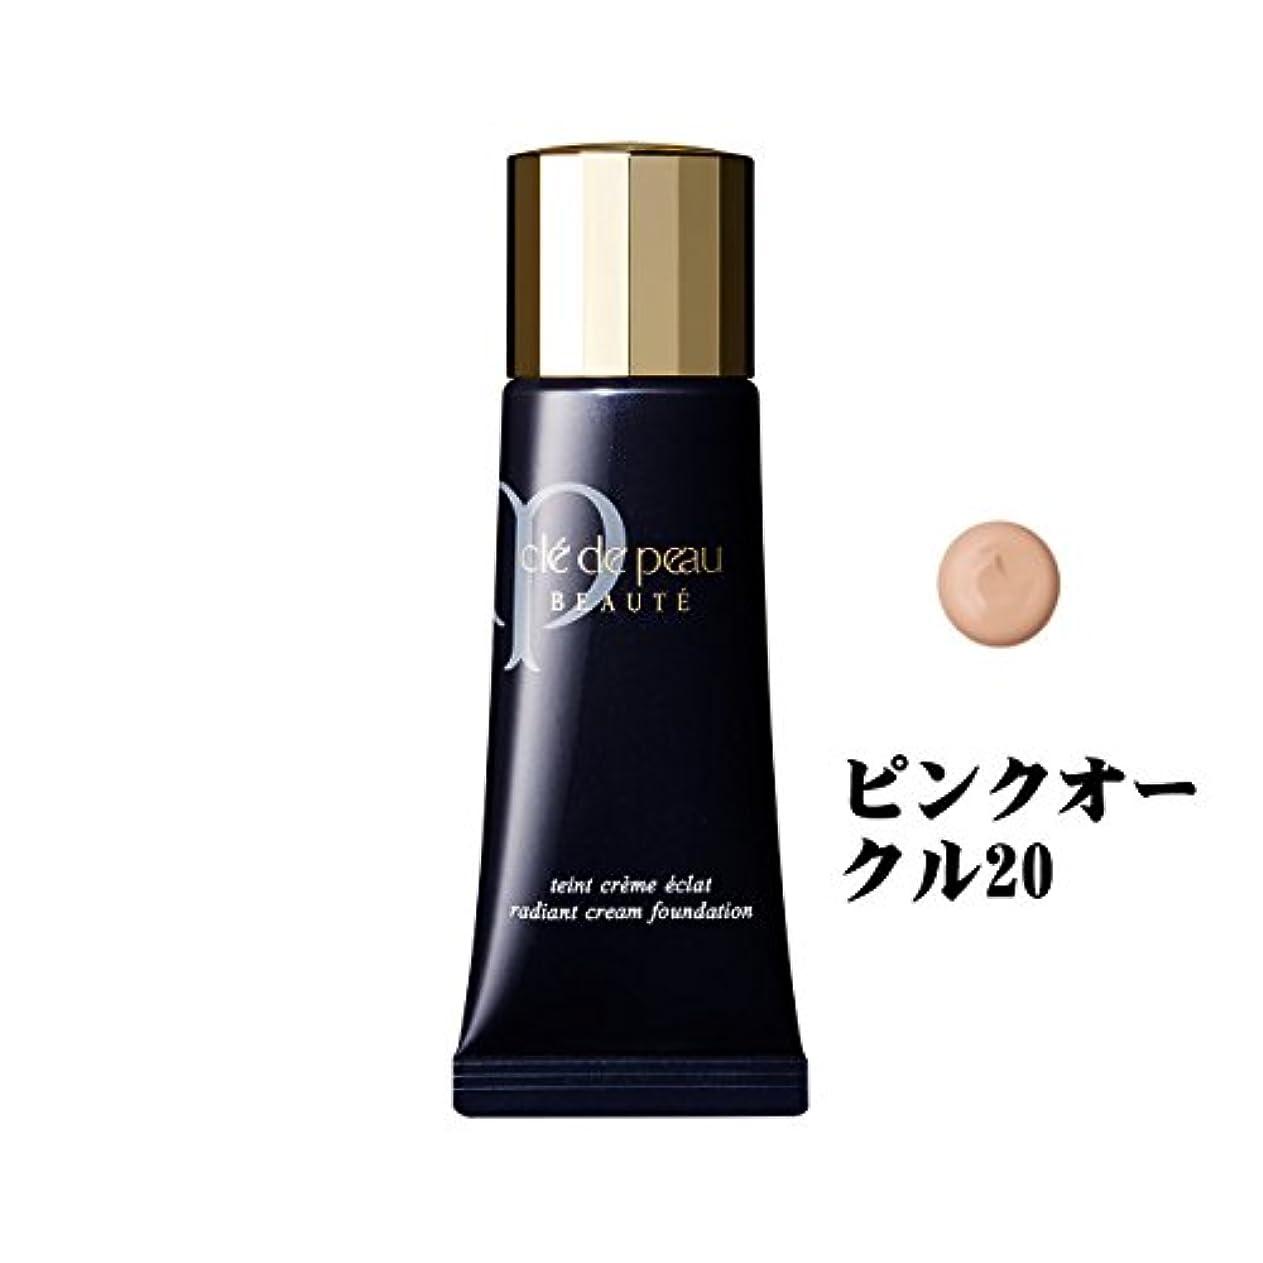 同一のクッション迫害資生堂/shiseido クレドポーボーテ/CPB タンクレームエクラ クリームタイプ SPF25?PA++ ピンクオークル20